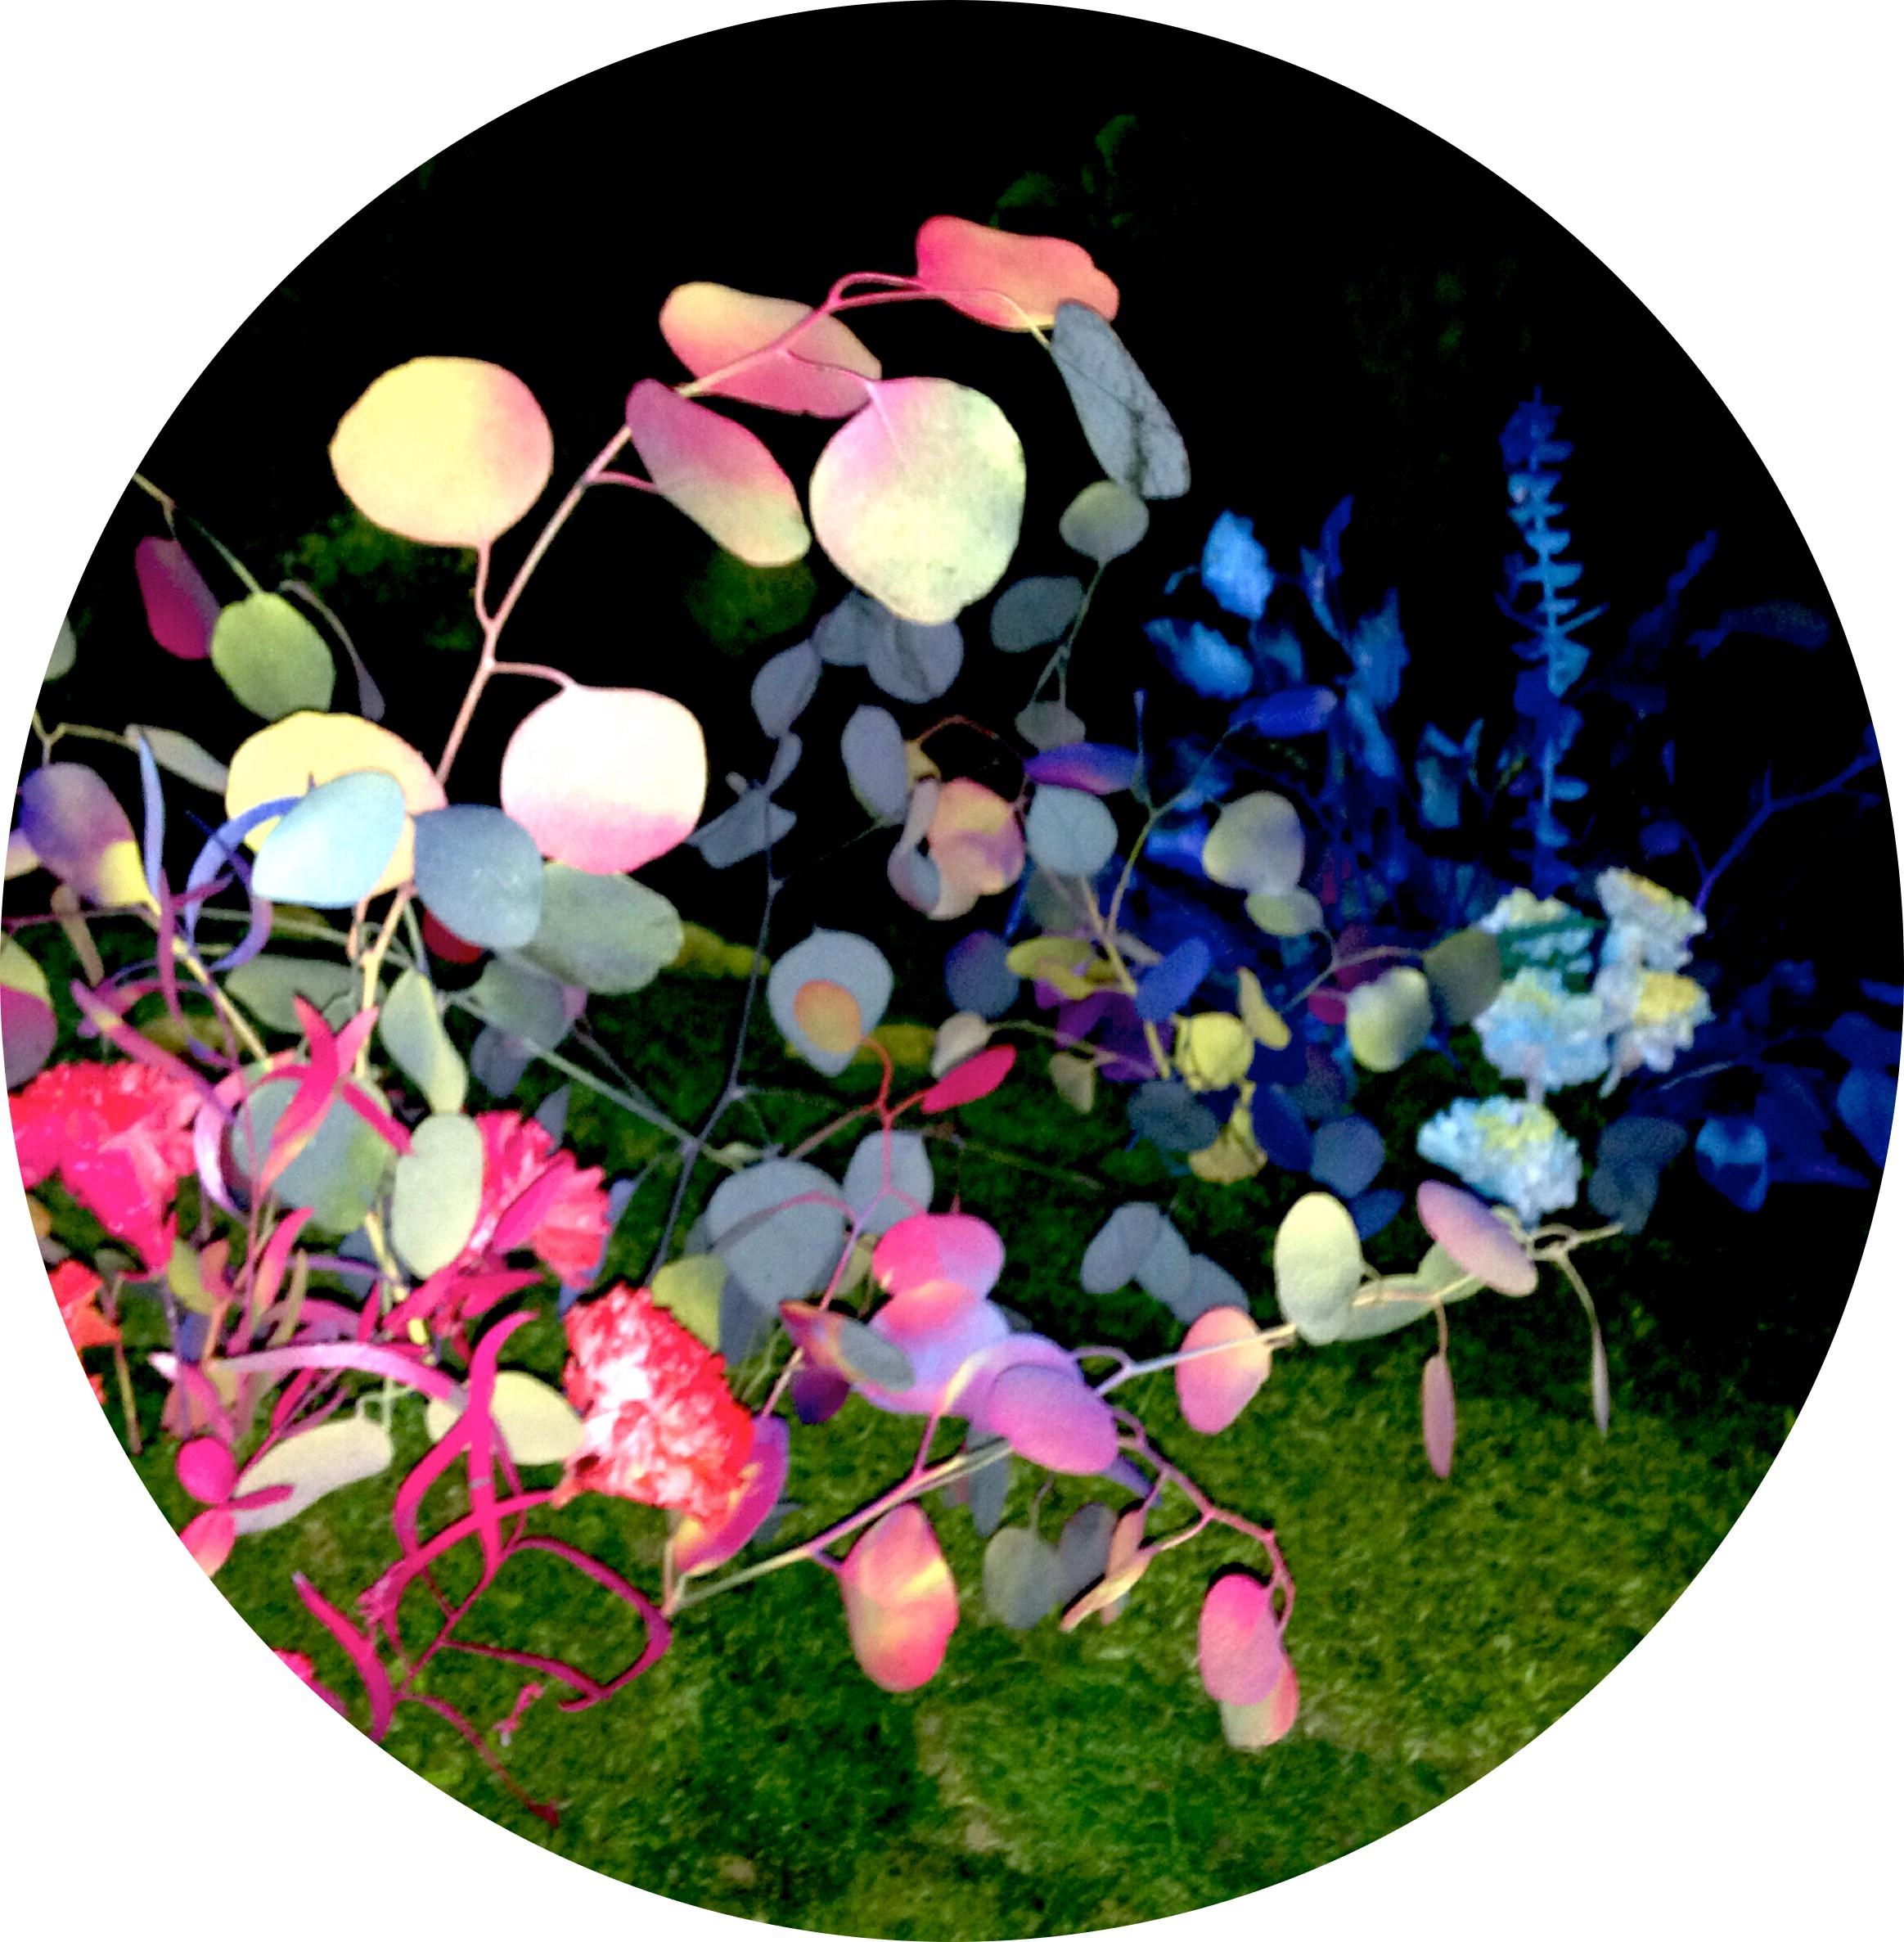 ucle jardin dutud el jardn estival un jardn onrico diseado por claudia bonollo para el nuevo escaparate de clorofila digital